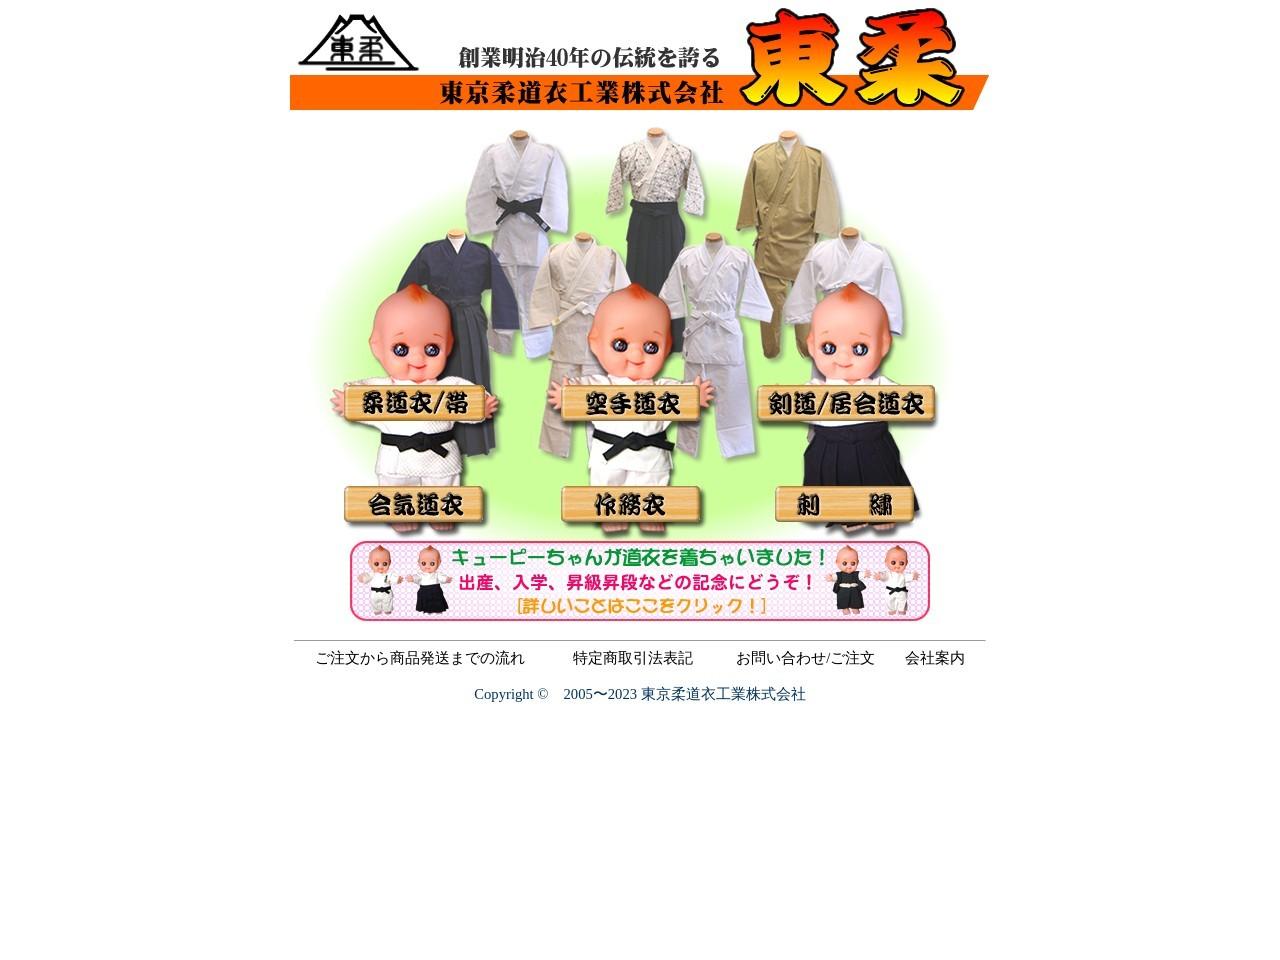 東京柔道衣工業株式会社